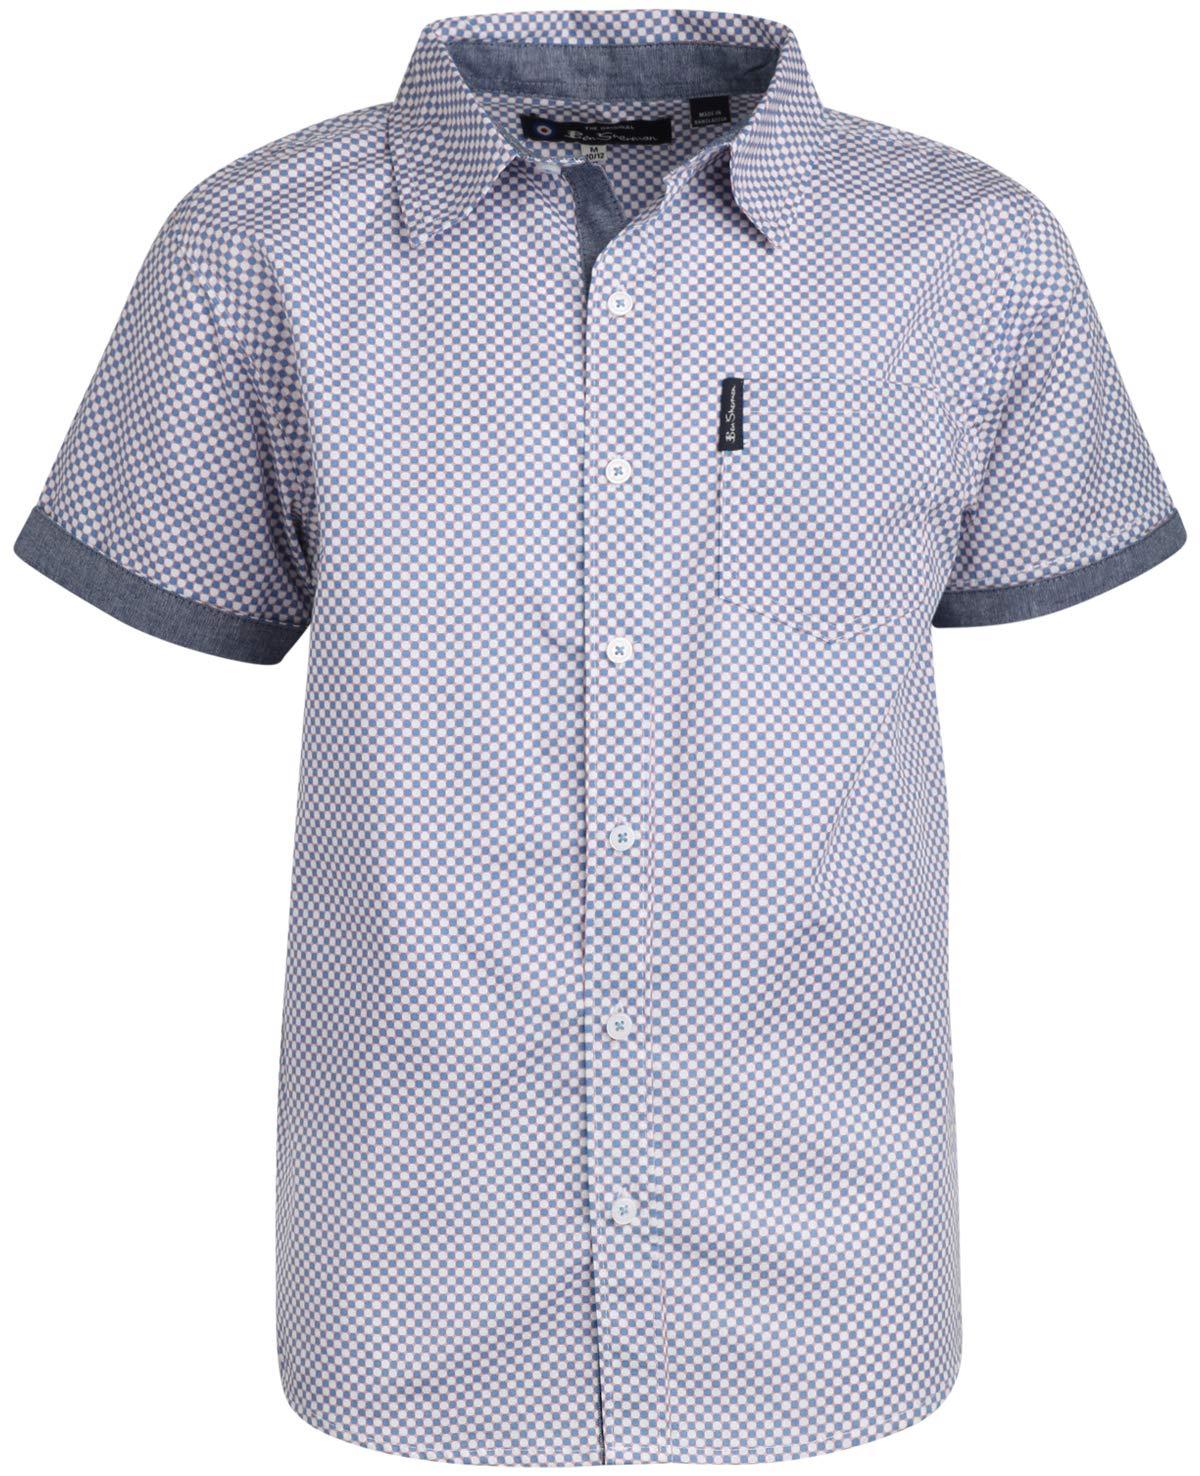 Ben Sherman Boys Short Sleeve Button Down Shirt (Light Blue/Dots, 14/16)'